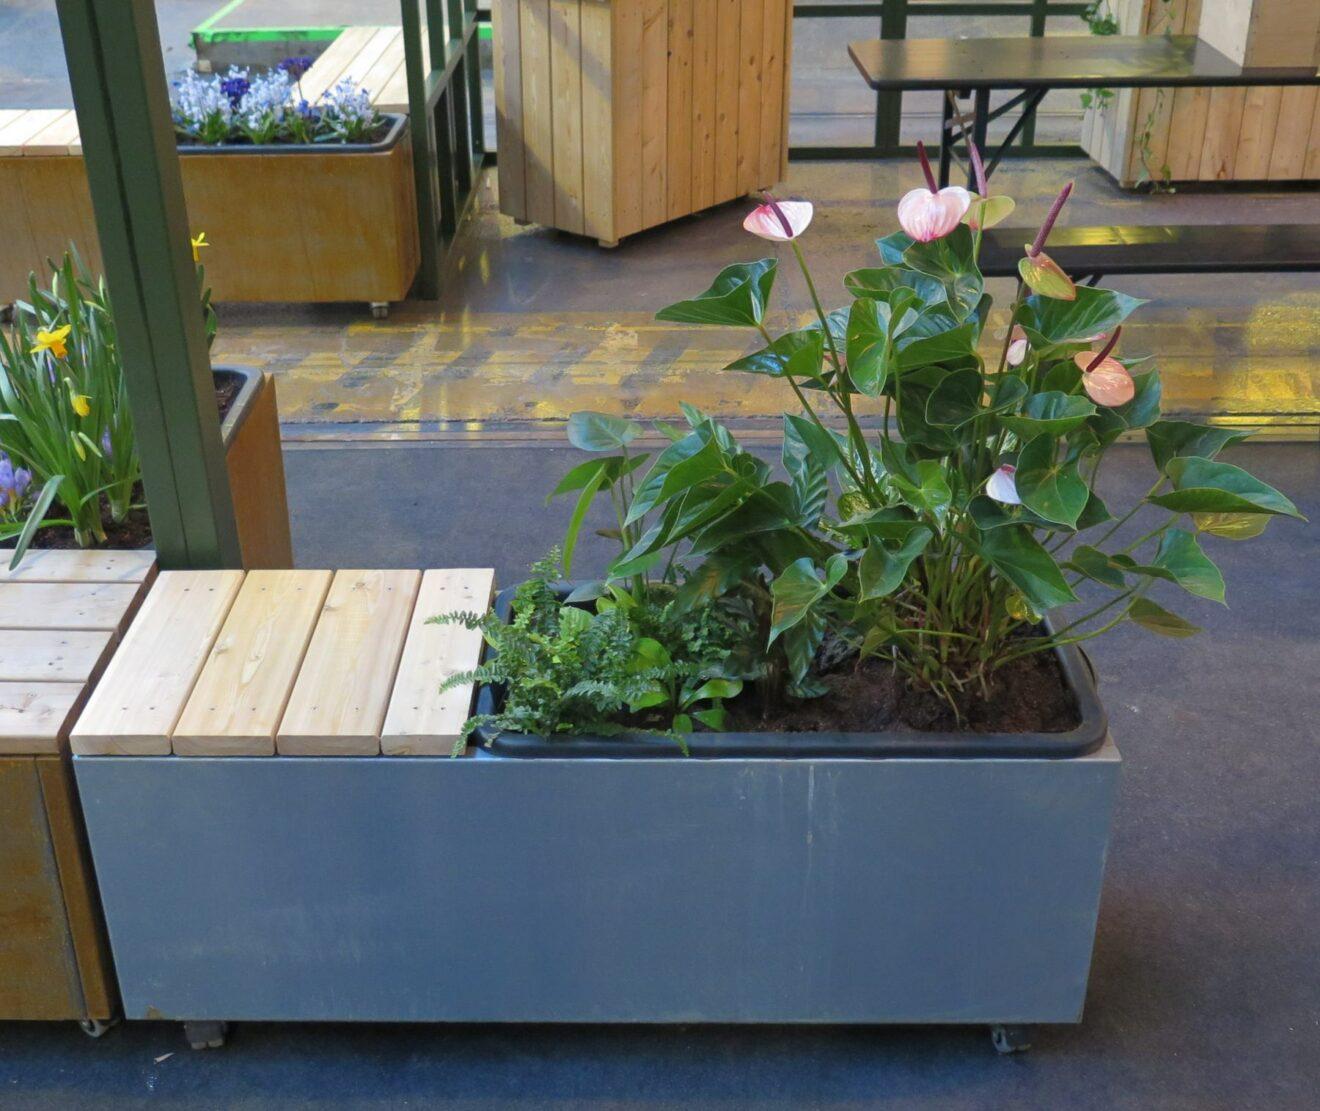 Plantekumme i galvaniseret stål 120x40x47cm med hjul, bænk og plantekasse